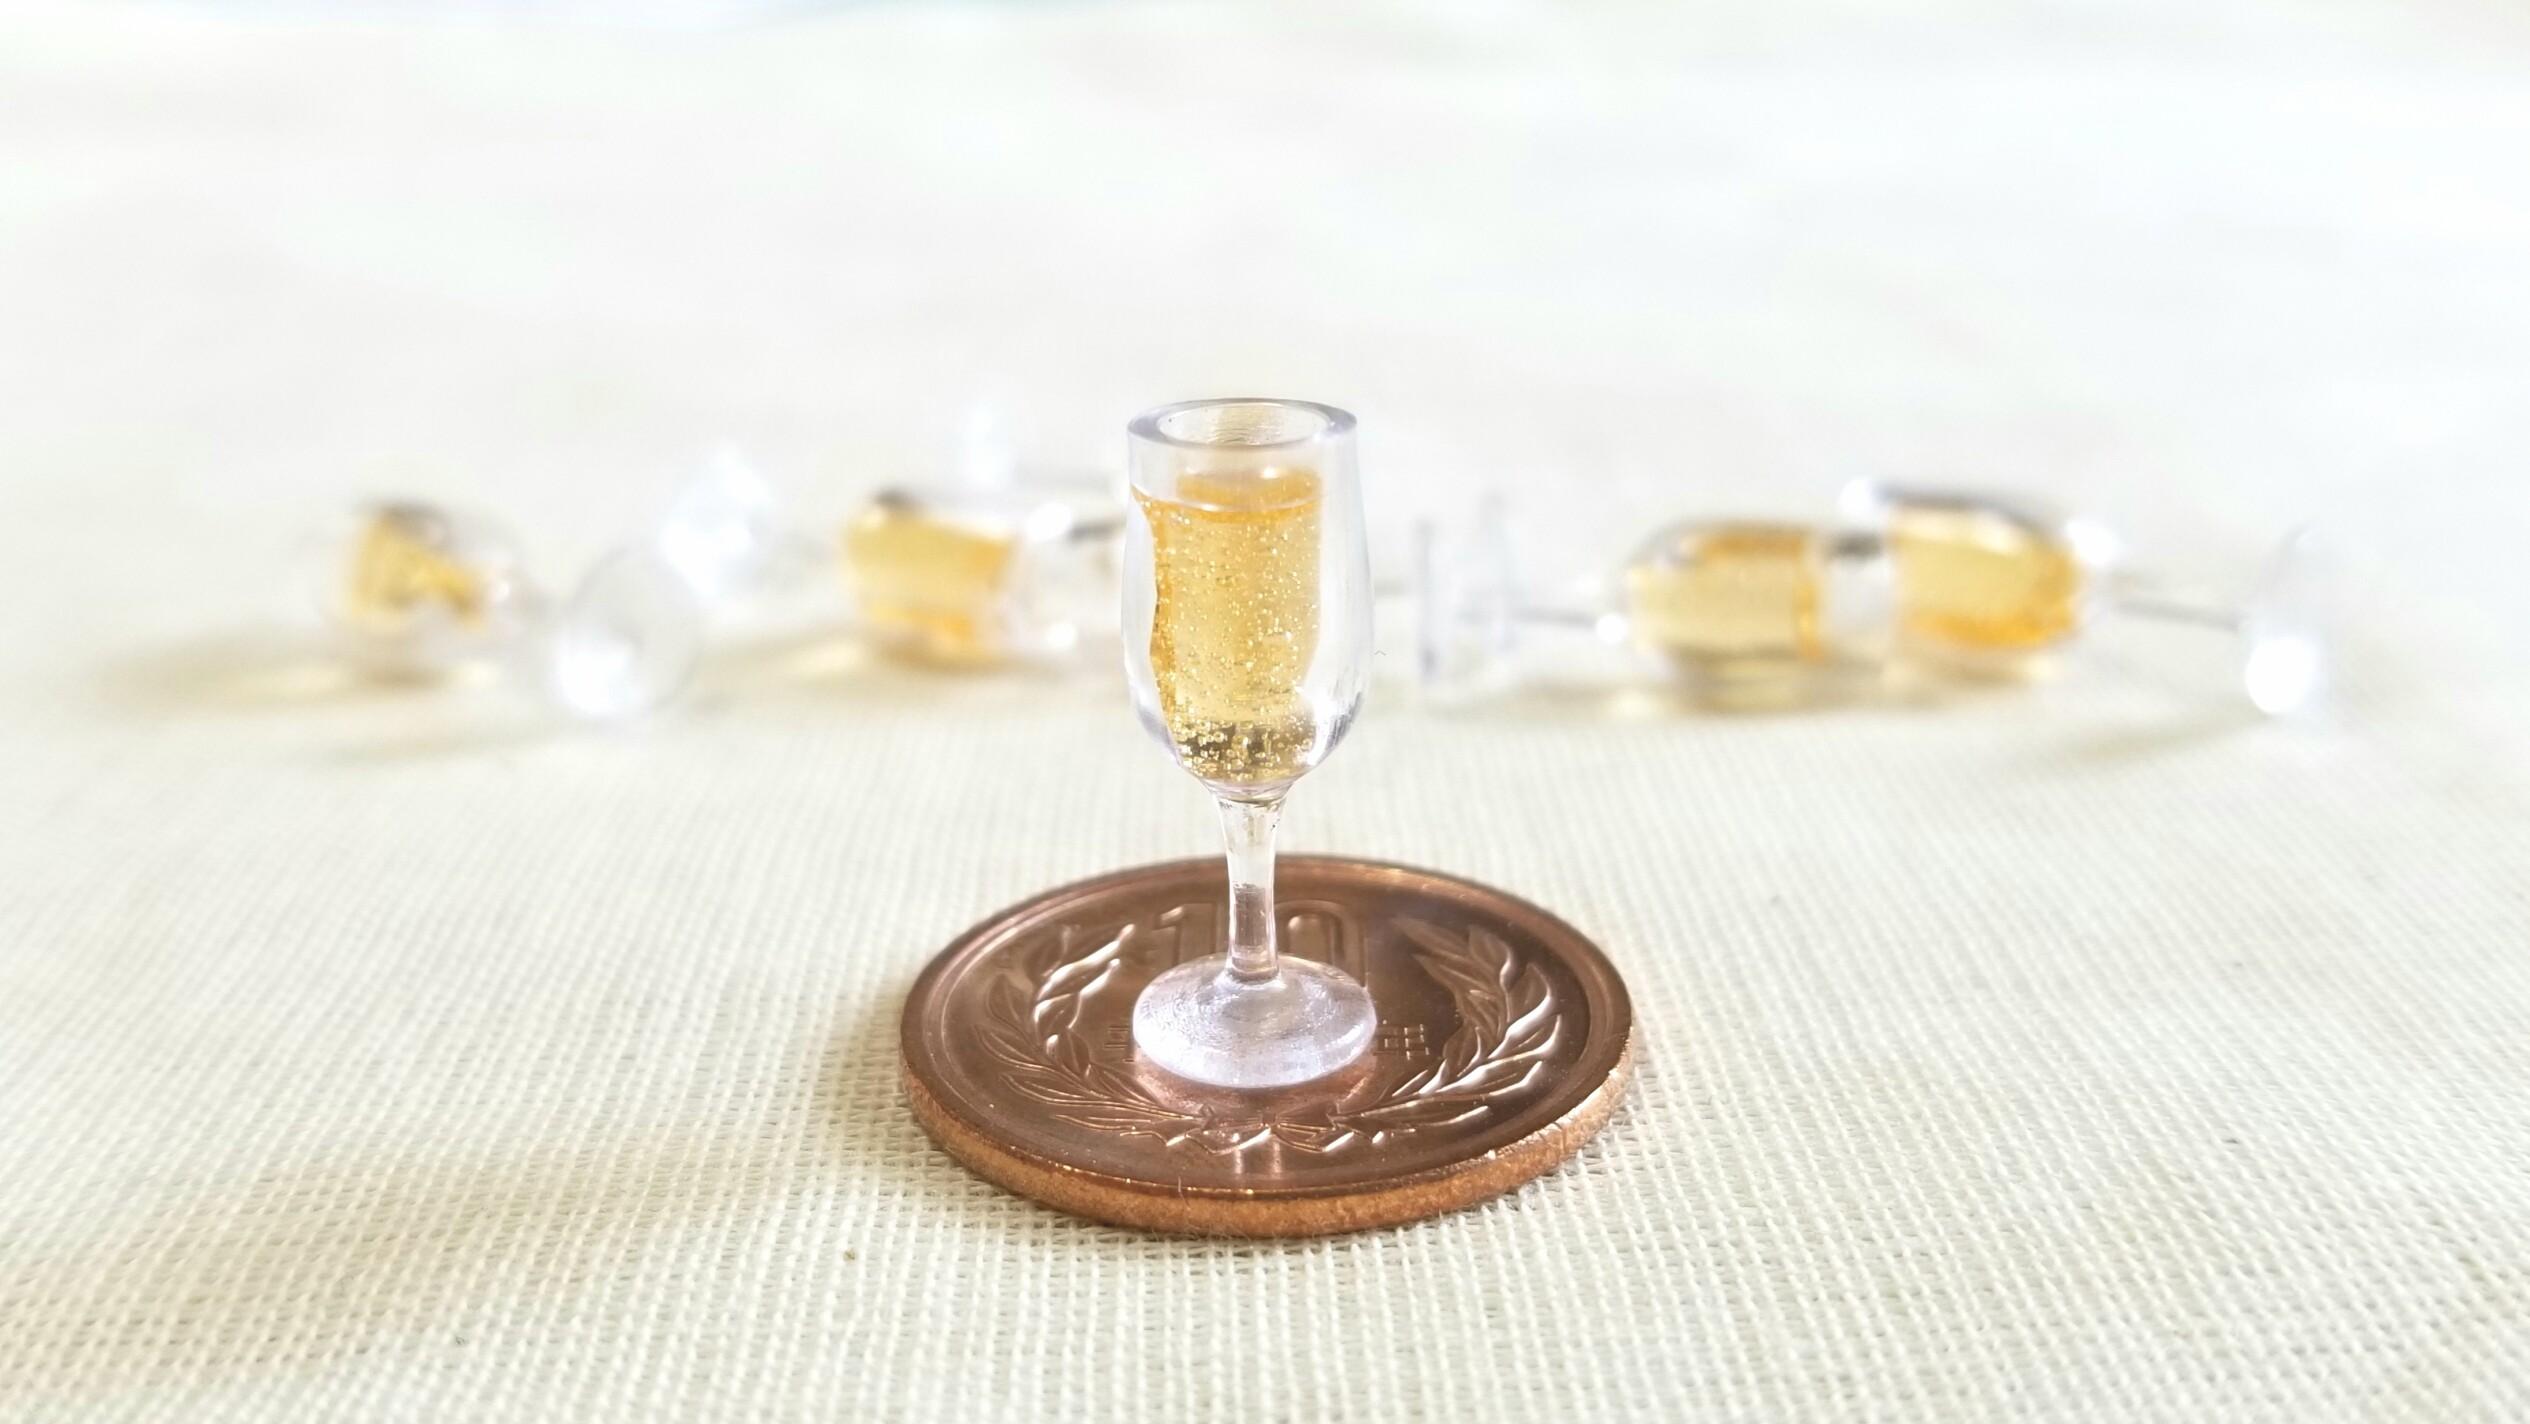 高級お洒落な豪華シャンパンワイン有名人気商品手作り小物おすすめ